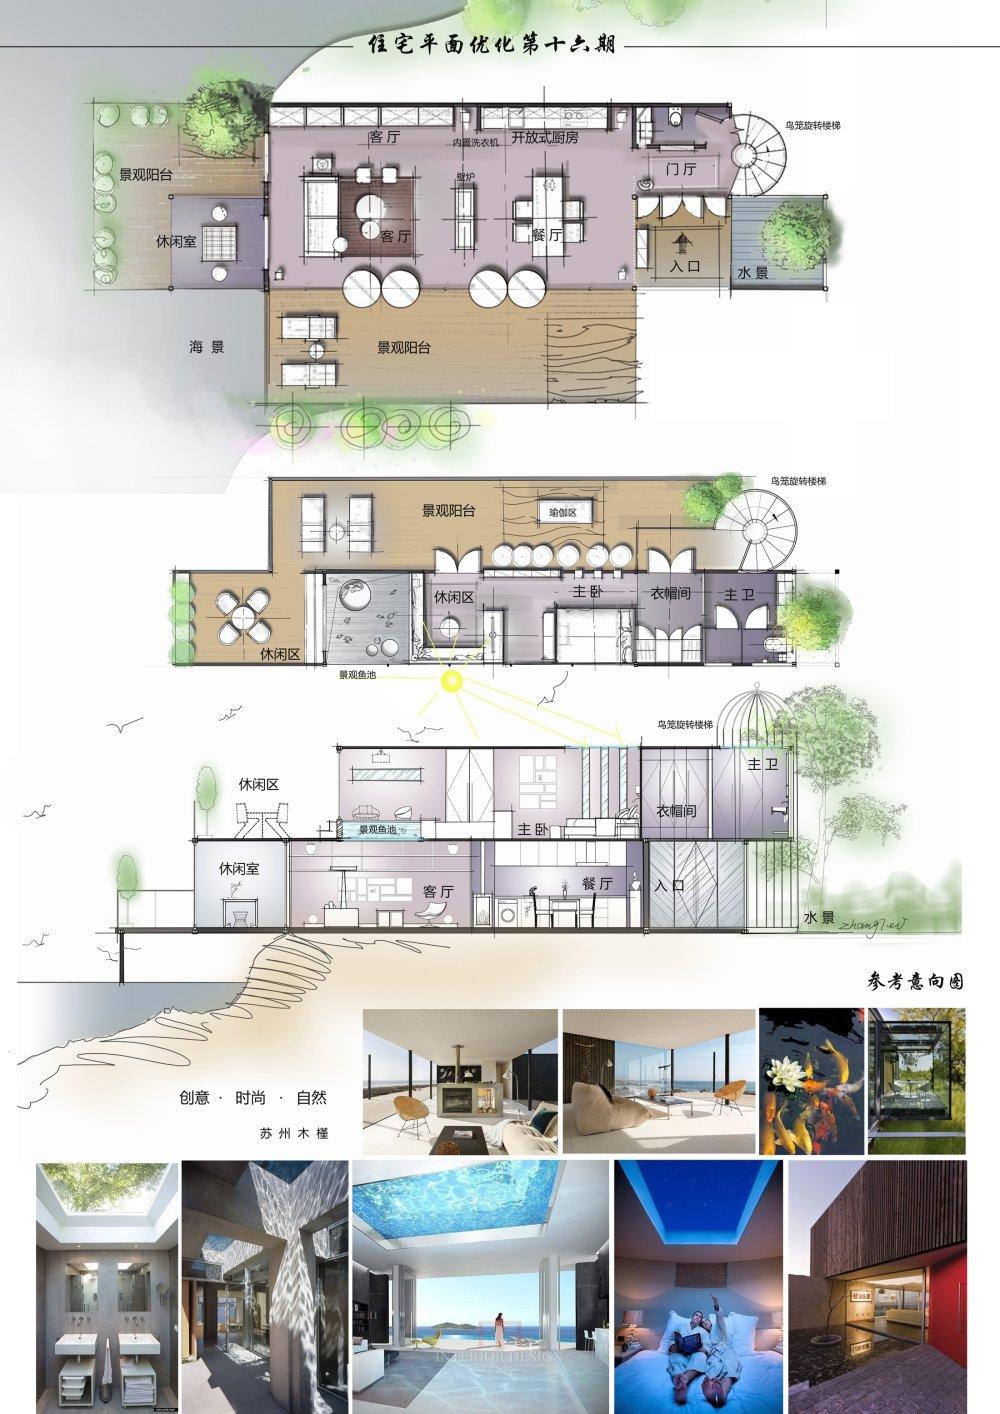 【第16期-住宅平面优化】一个集装箱住宅12套方案 投票奖励DB_03.jpg